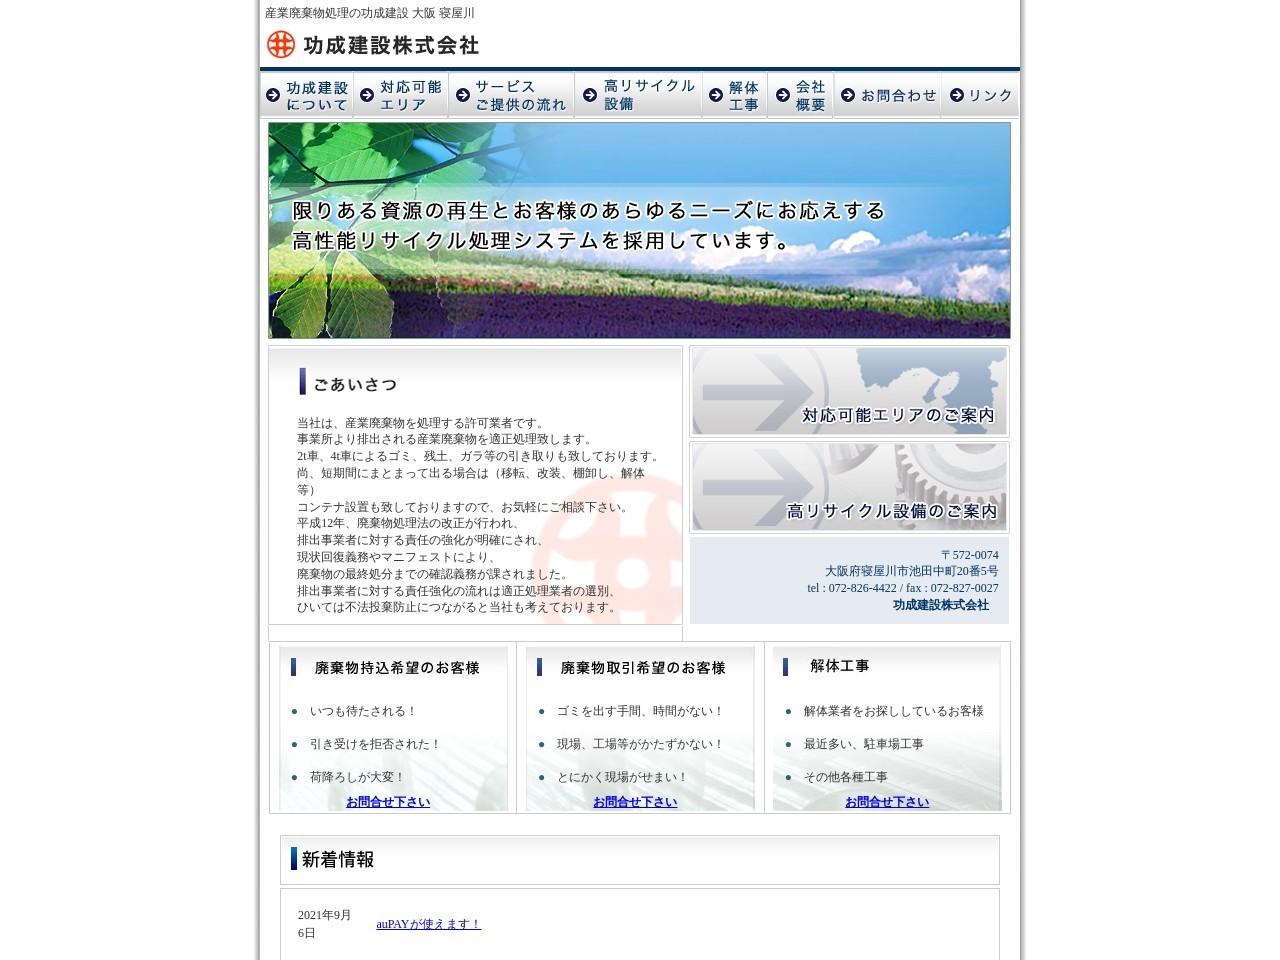 産業廃棄物処理の功成建設 大阪 寝屋川